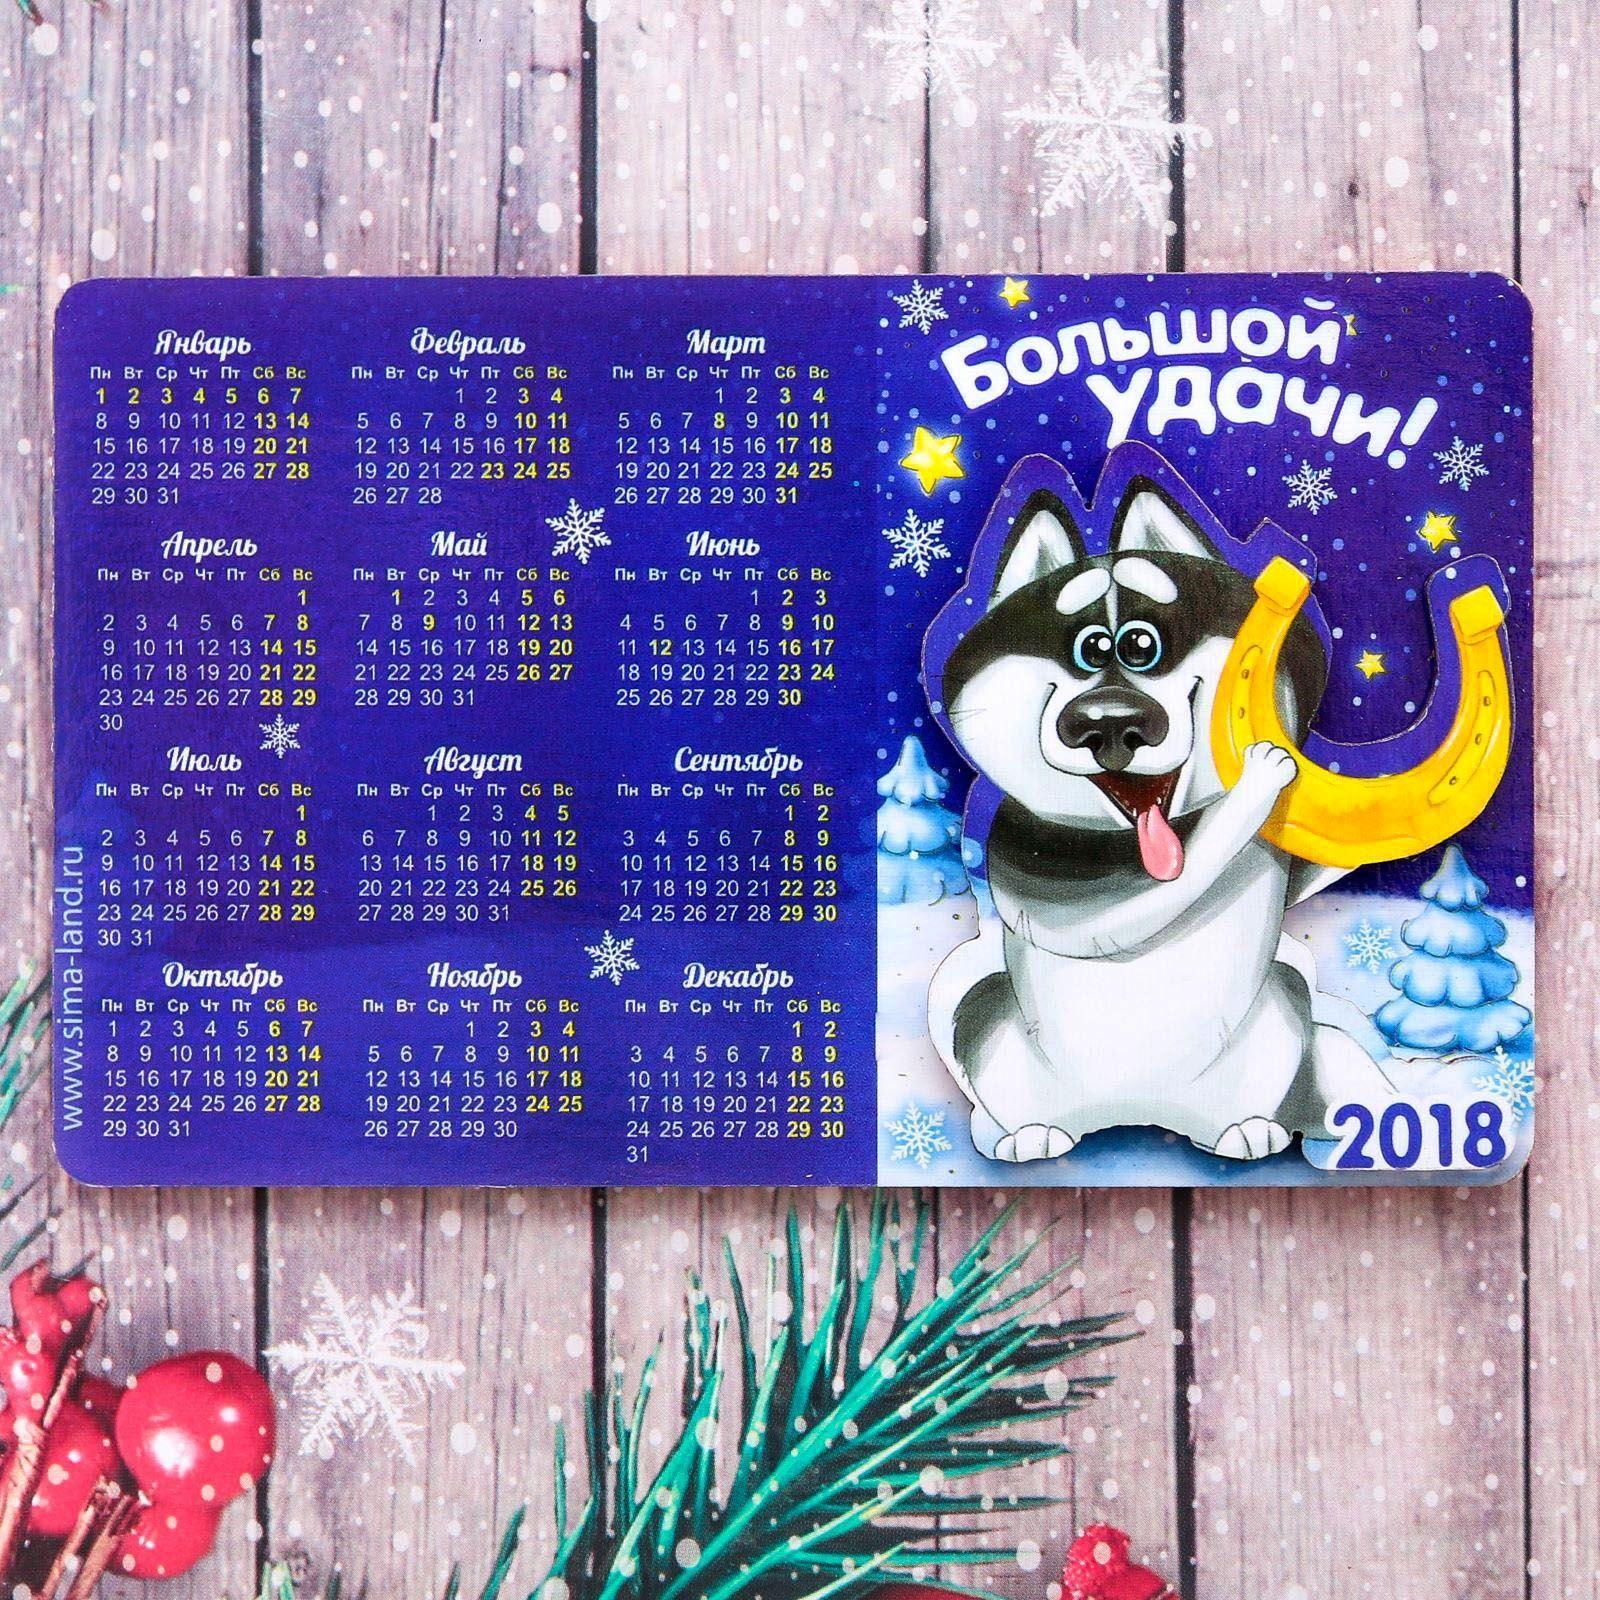 Магнит Sima-land Большой удачи!, с календарем, 13 х 8 см1933314Порадуйте родных и близких оригинальным сувениром: преподнесите в подарок магнит. С ним даже самый серьёзный человек почувствует себя ребёнком, ожидающим чудо! Создайте праздничное настроение, и оно останется с вами на весь год.